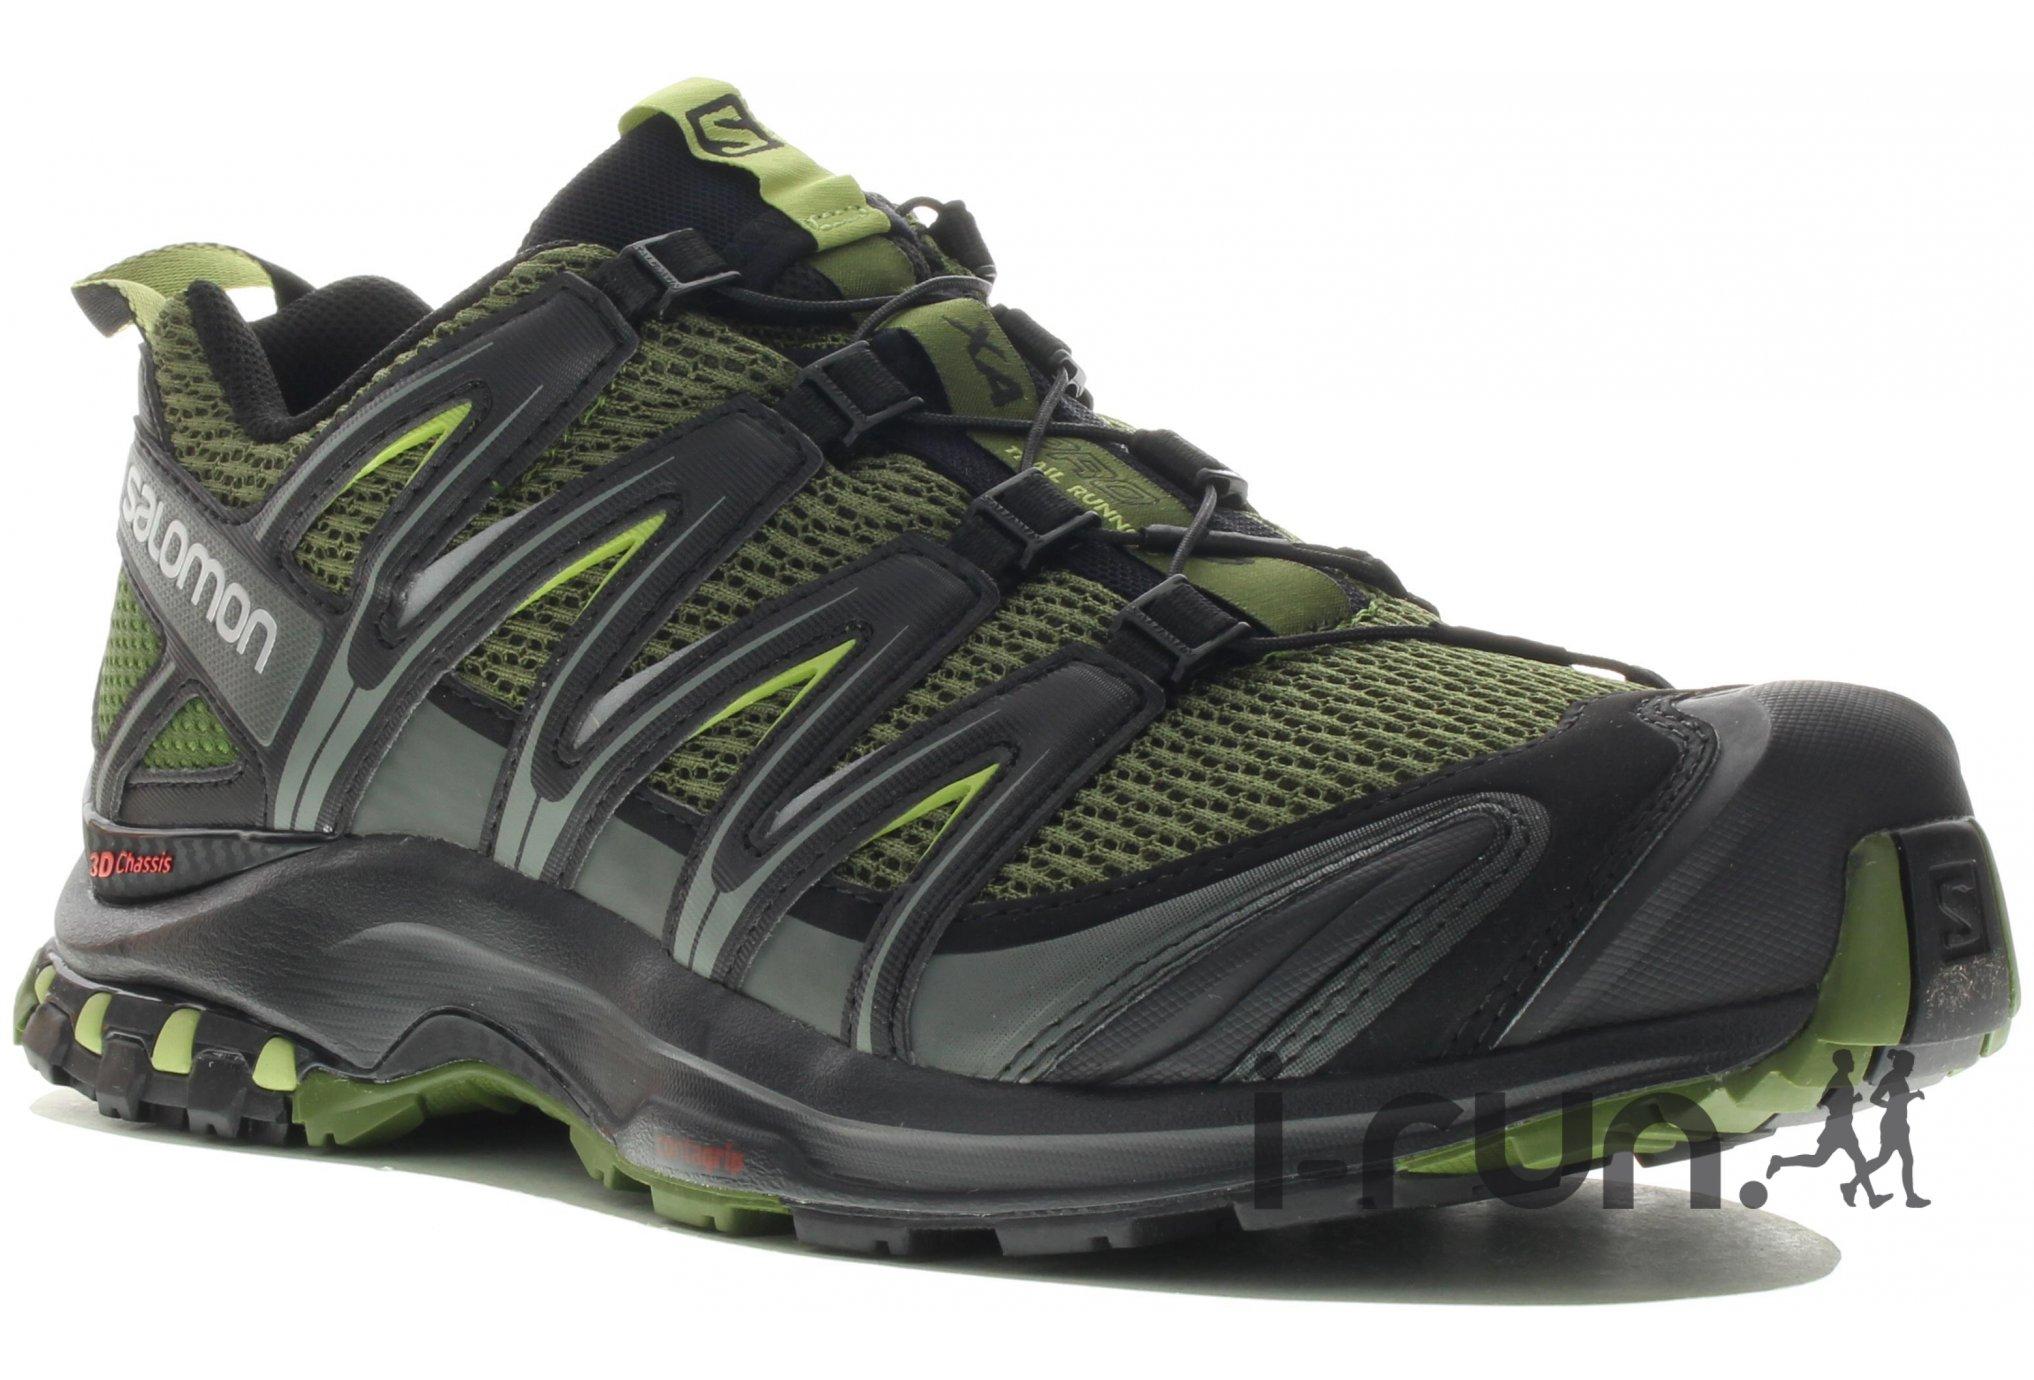 Xa NordicfitSport Salomon Pro 3d Santé Homme Et M Chaussures b7v6gIYfy